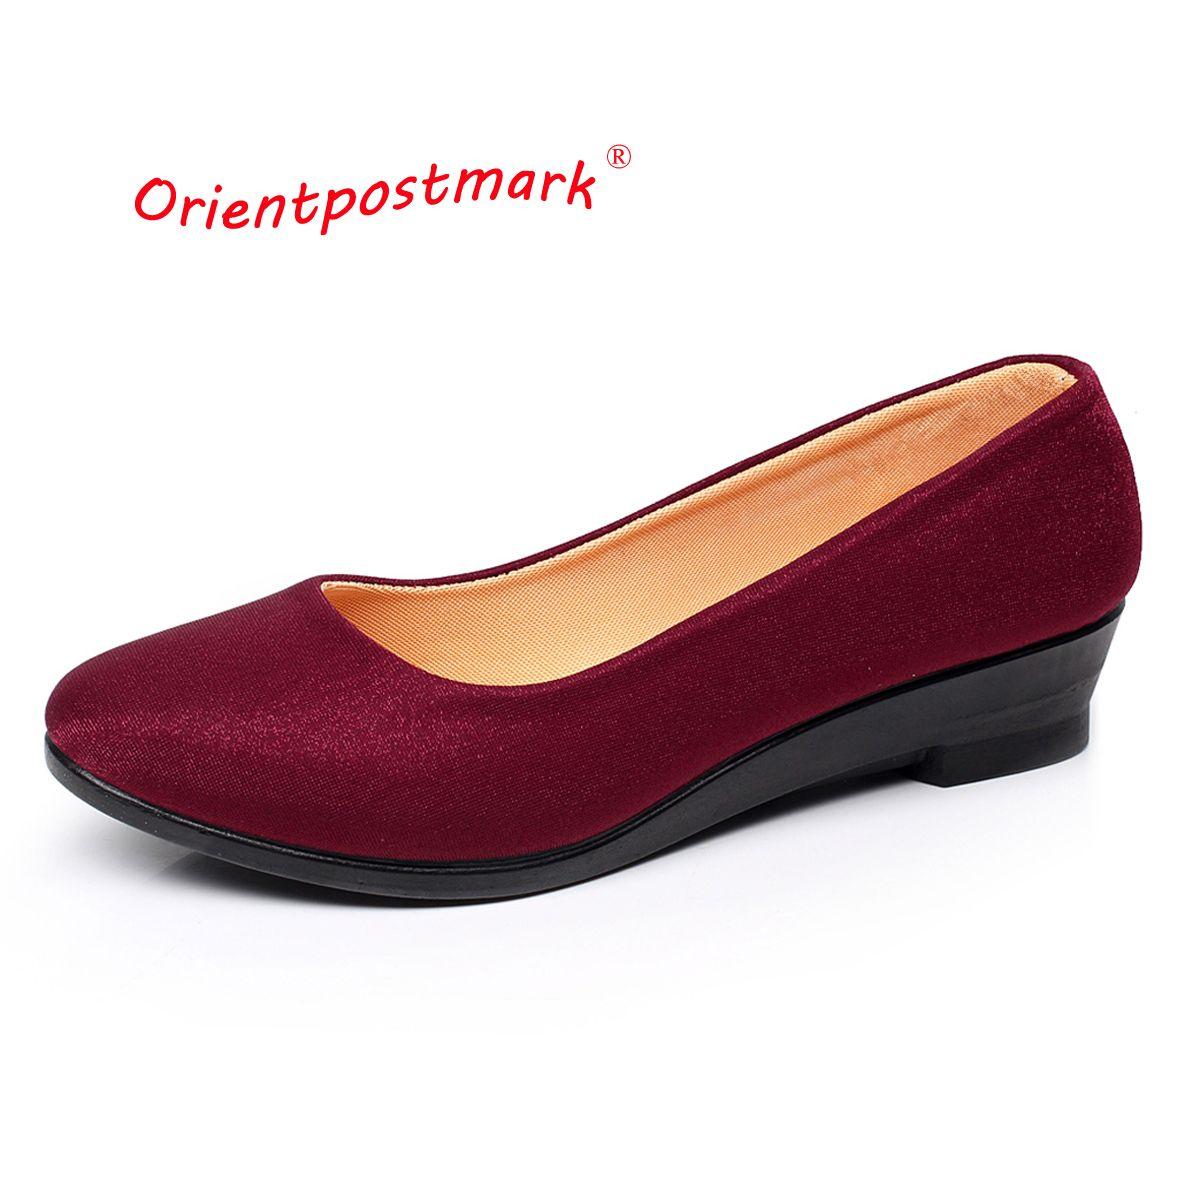 Las mujeres Zapatos de Ballet de Las Mujeres Zapatos de las Cuñas de Trabajo de Tela Dulce Mocasines Se Deslizan En Las Mujeres Embarazadas Zapatos de Las Cuñas de Gran Tamaño del Barco zapatos